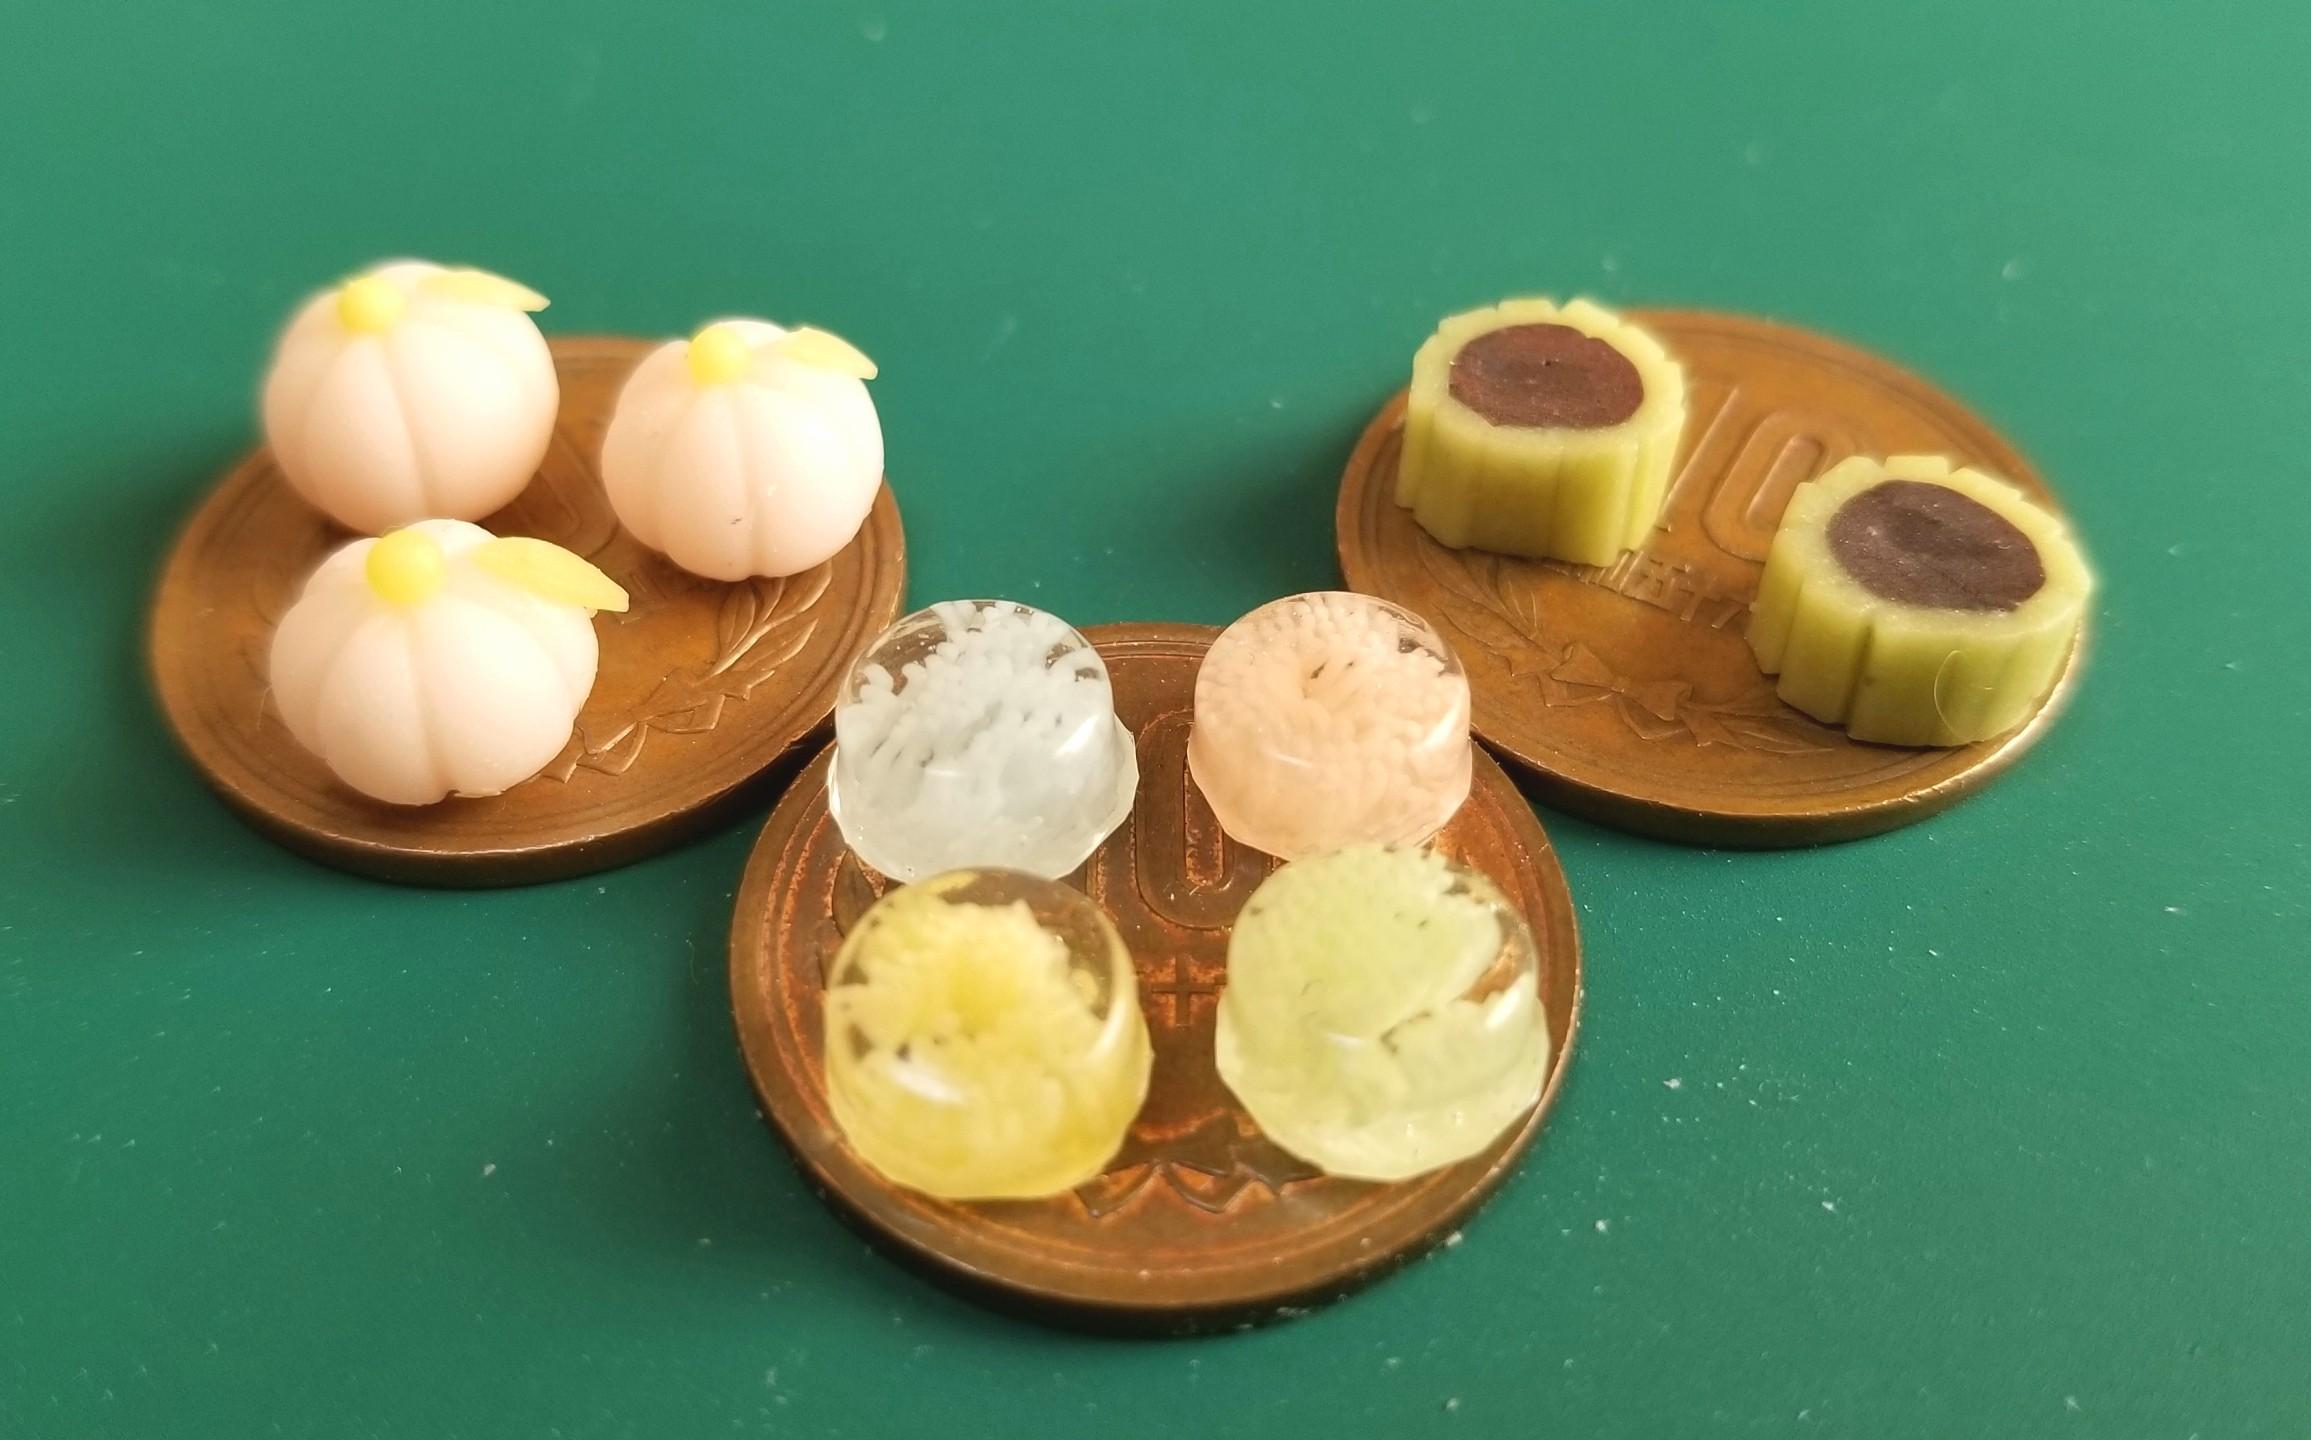 ミニチュアフード,和菓子,水ようかん,練りきり,生菓子,樹脂粘土,食品